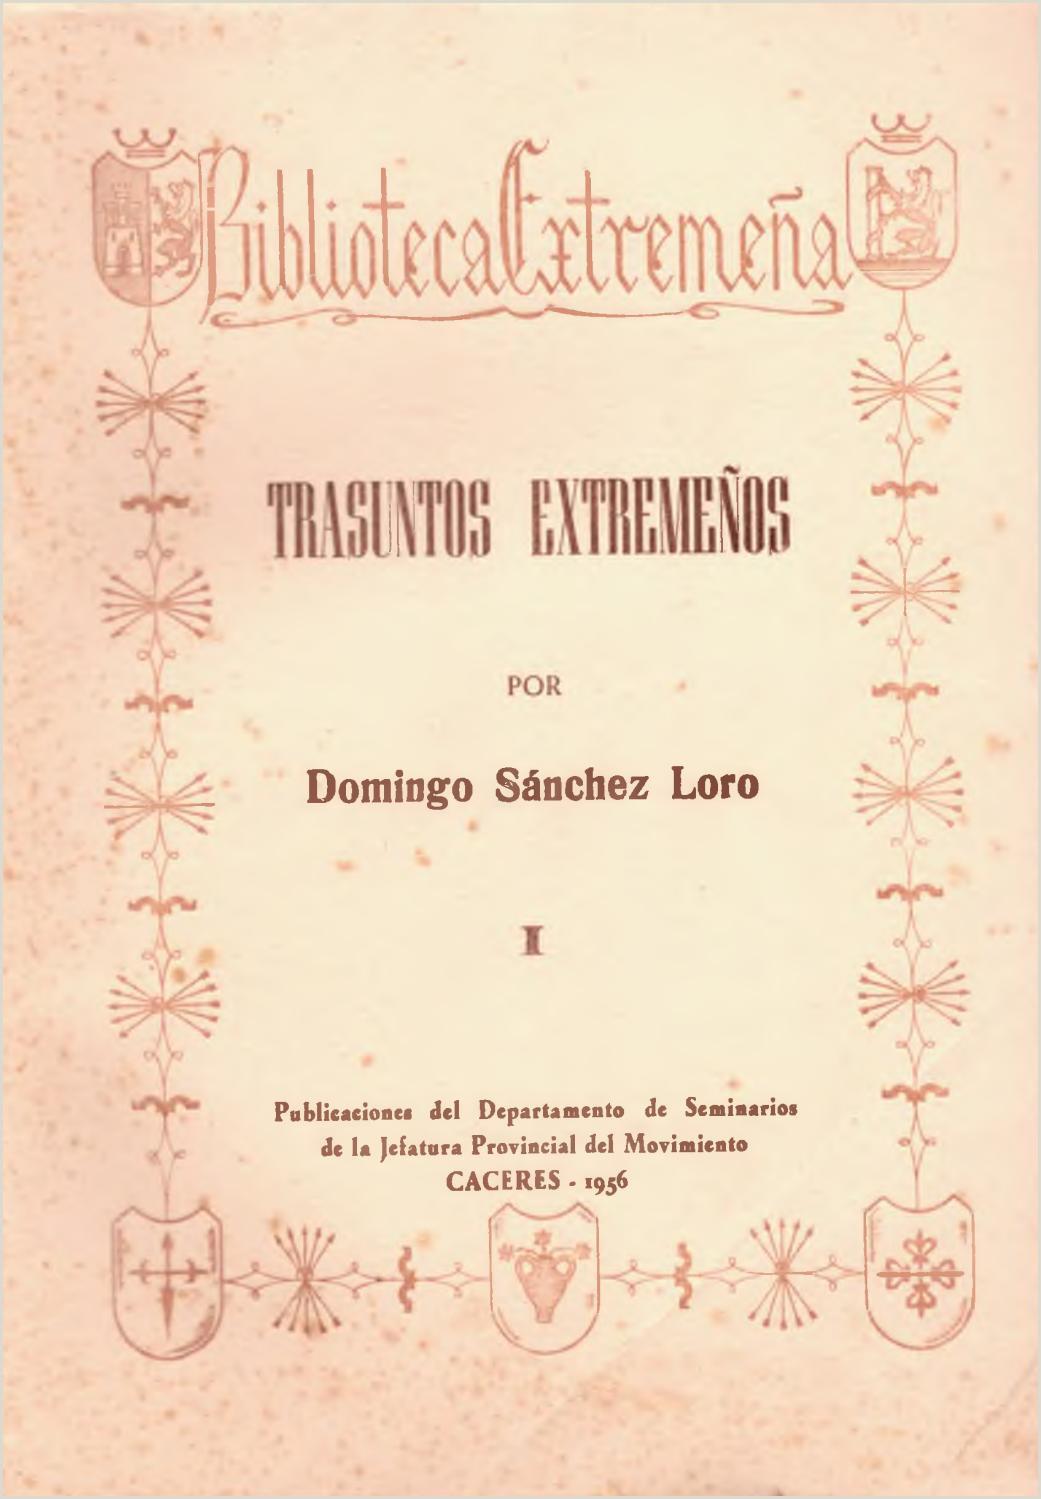 Como Llenar Bien Una Hoja De Vida Minerva Trasuntos Extreme±os Por Domingo Sánchez Loro by Biblioteca